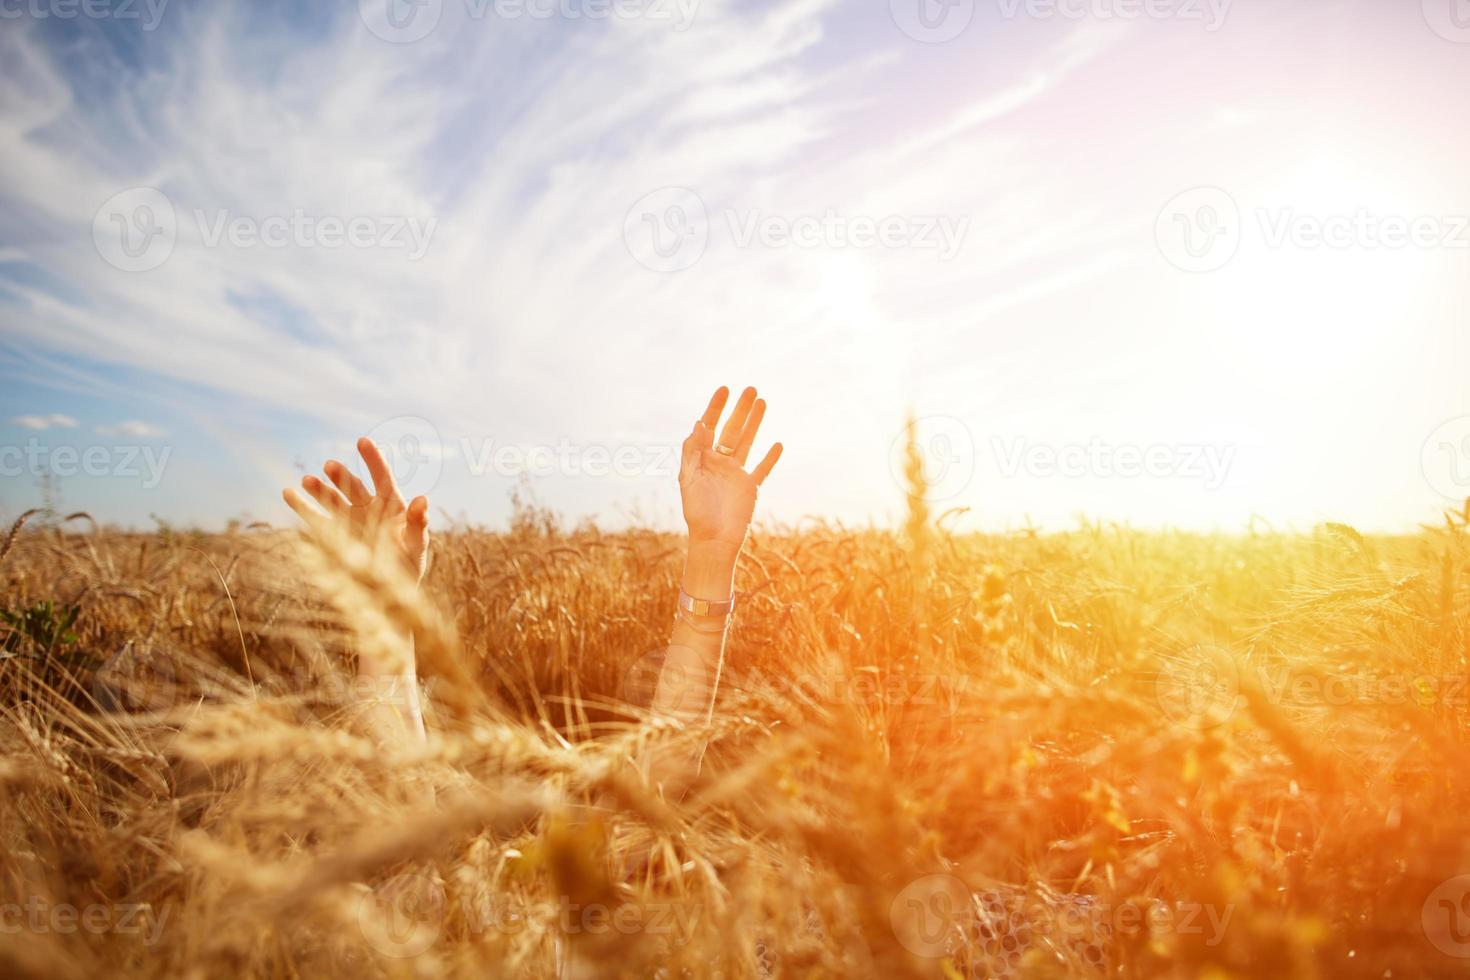 flickans händer ovanför vetefältet foto